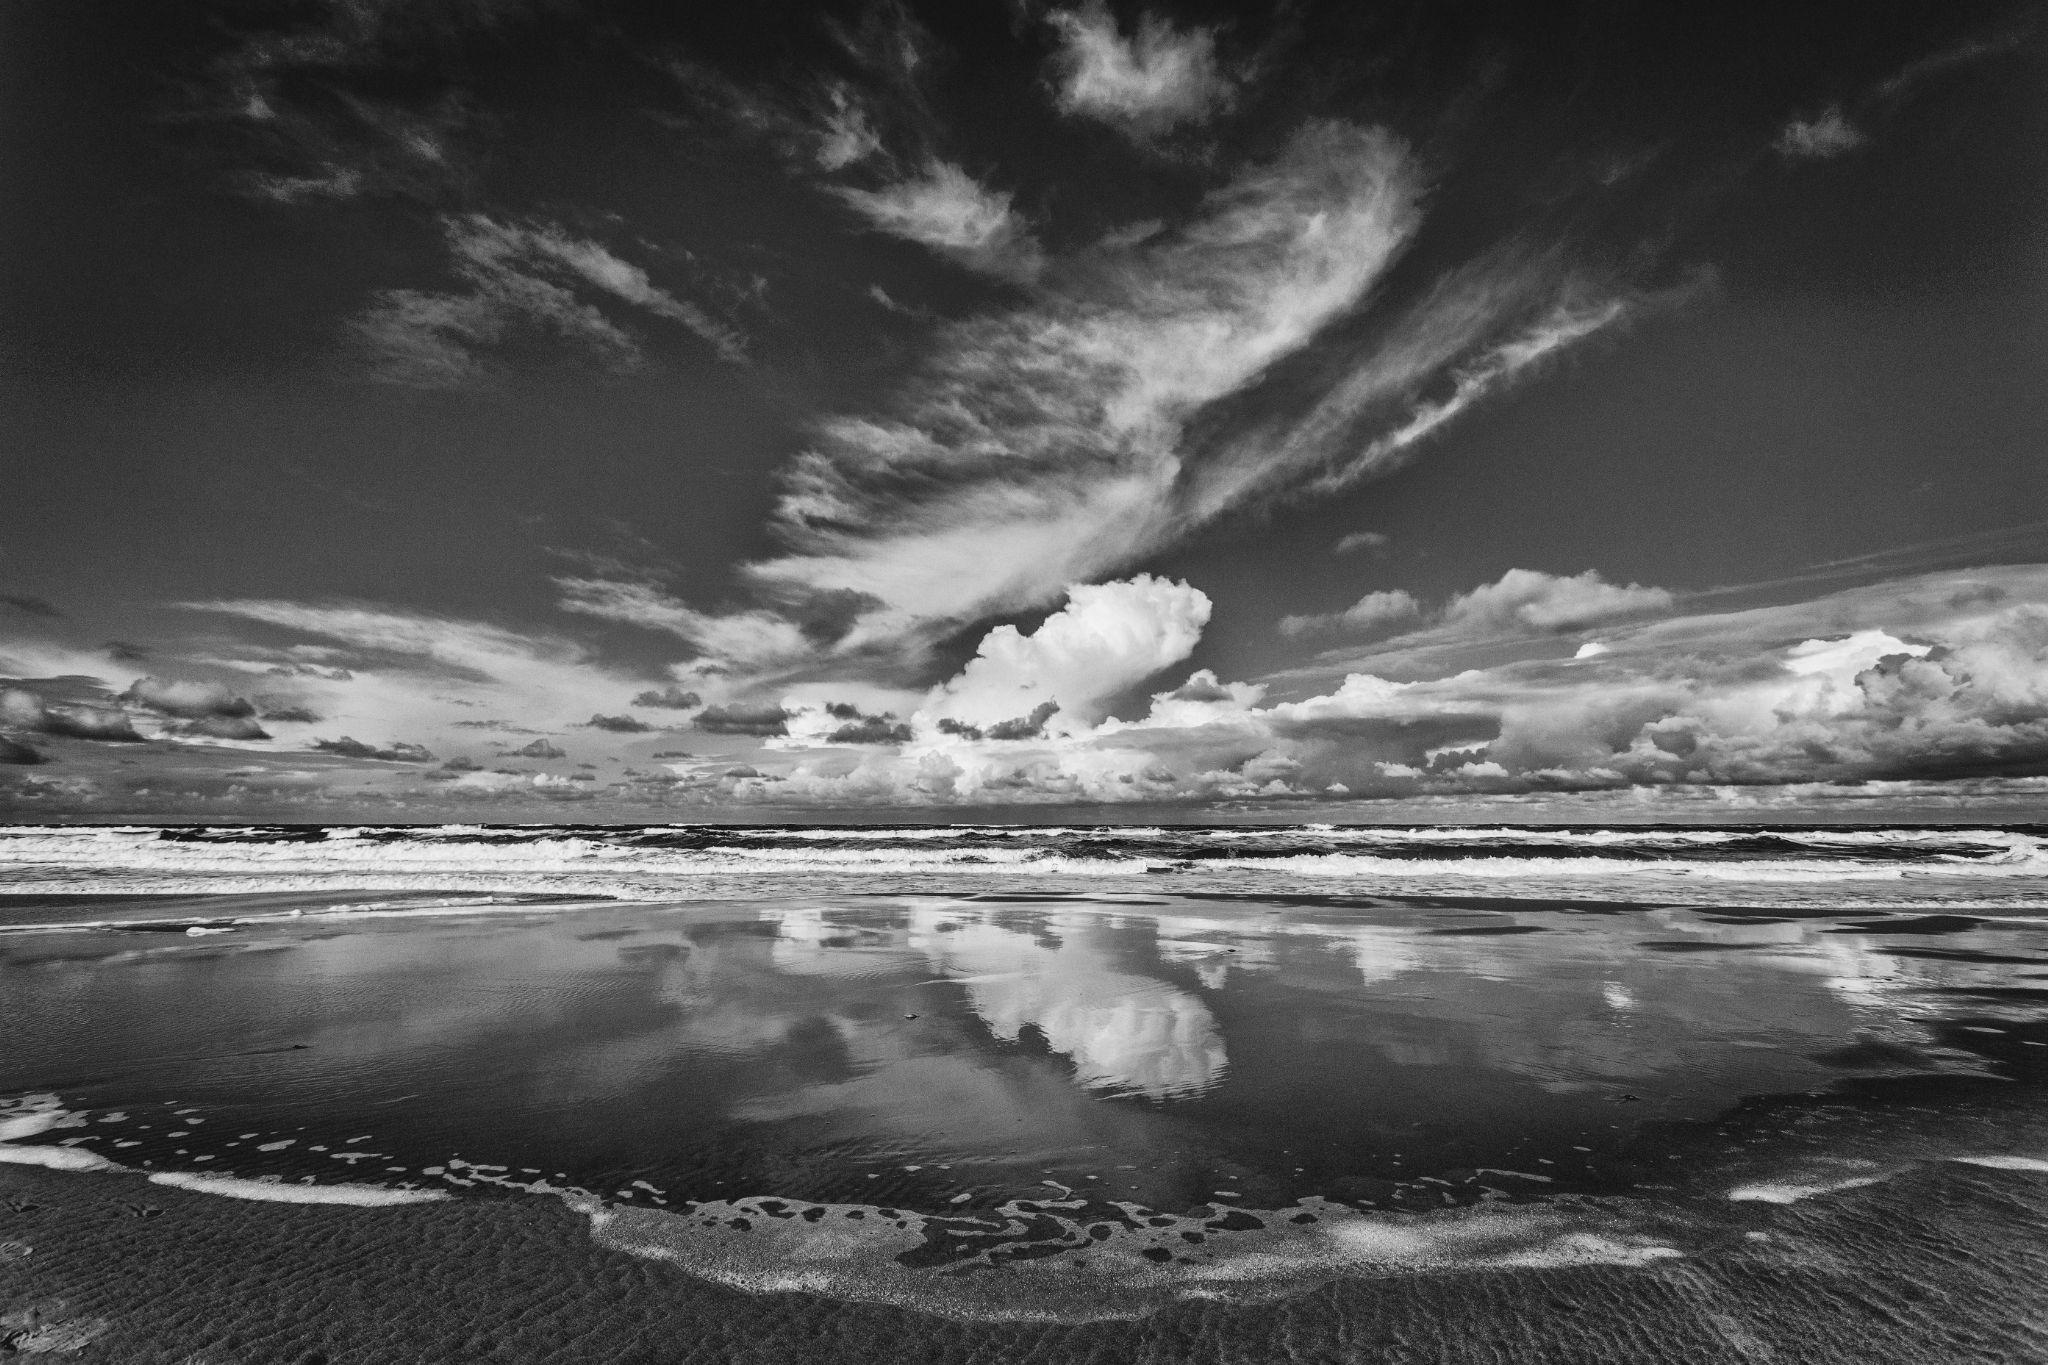 North Sea View by Stilfoto